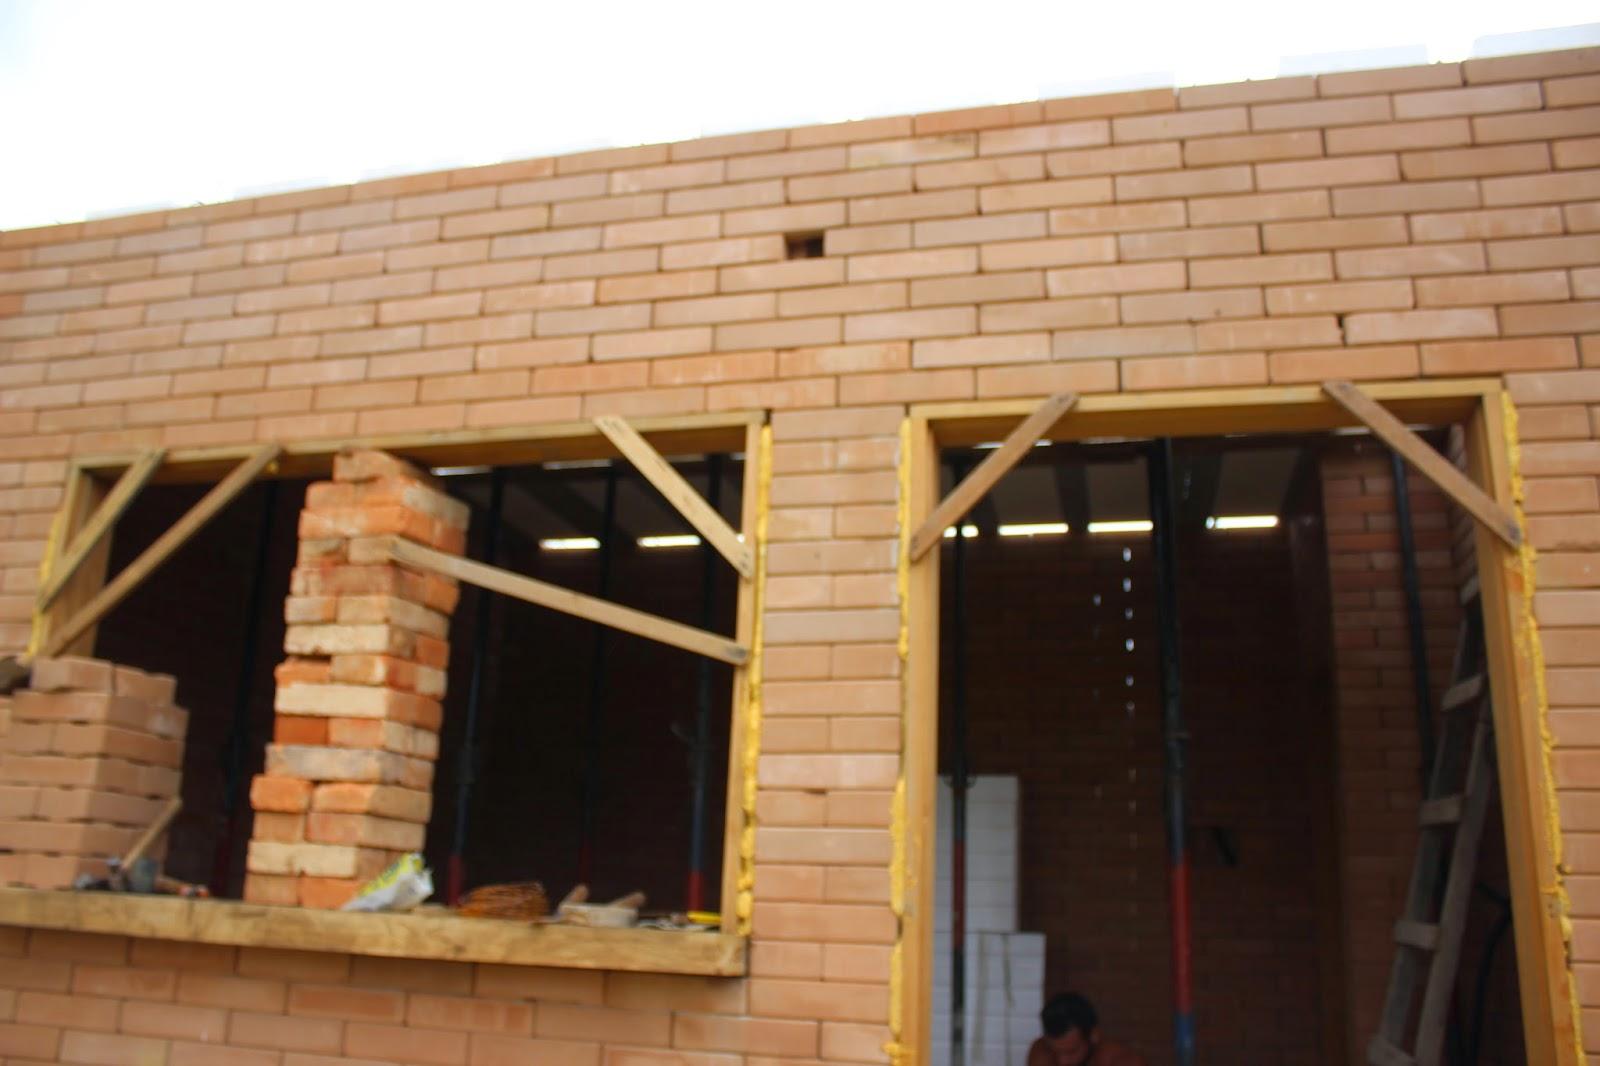 arquitetura sustentavel #AE4F1D 1600x1066 Arquitetura Sustentavel Banheiro